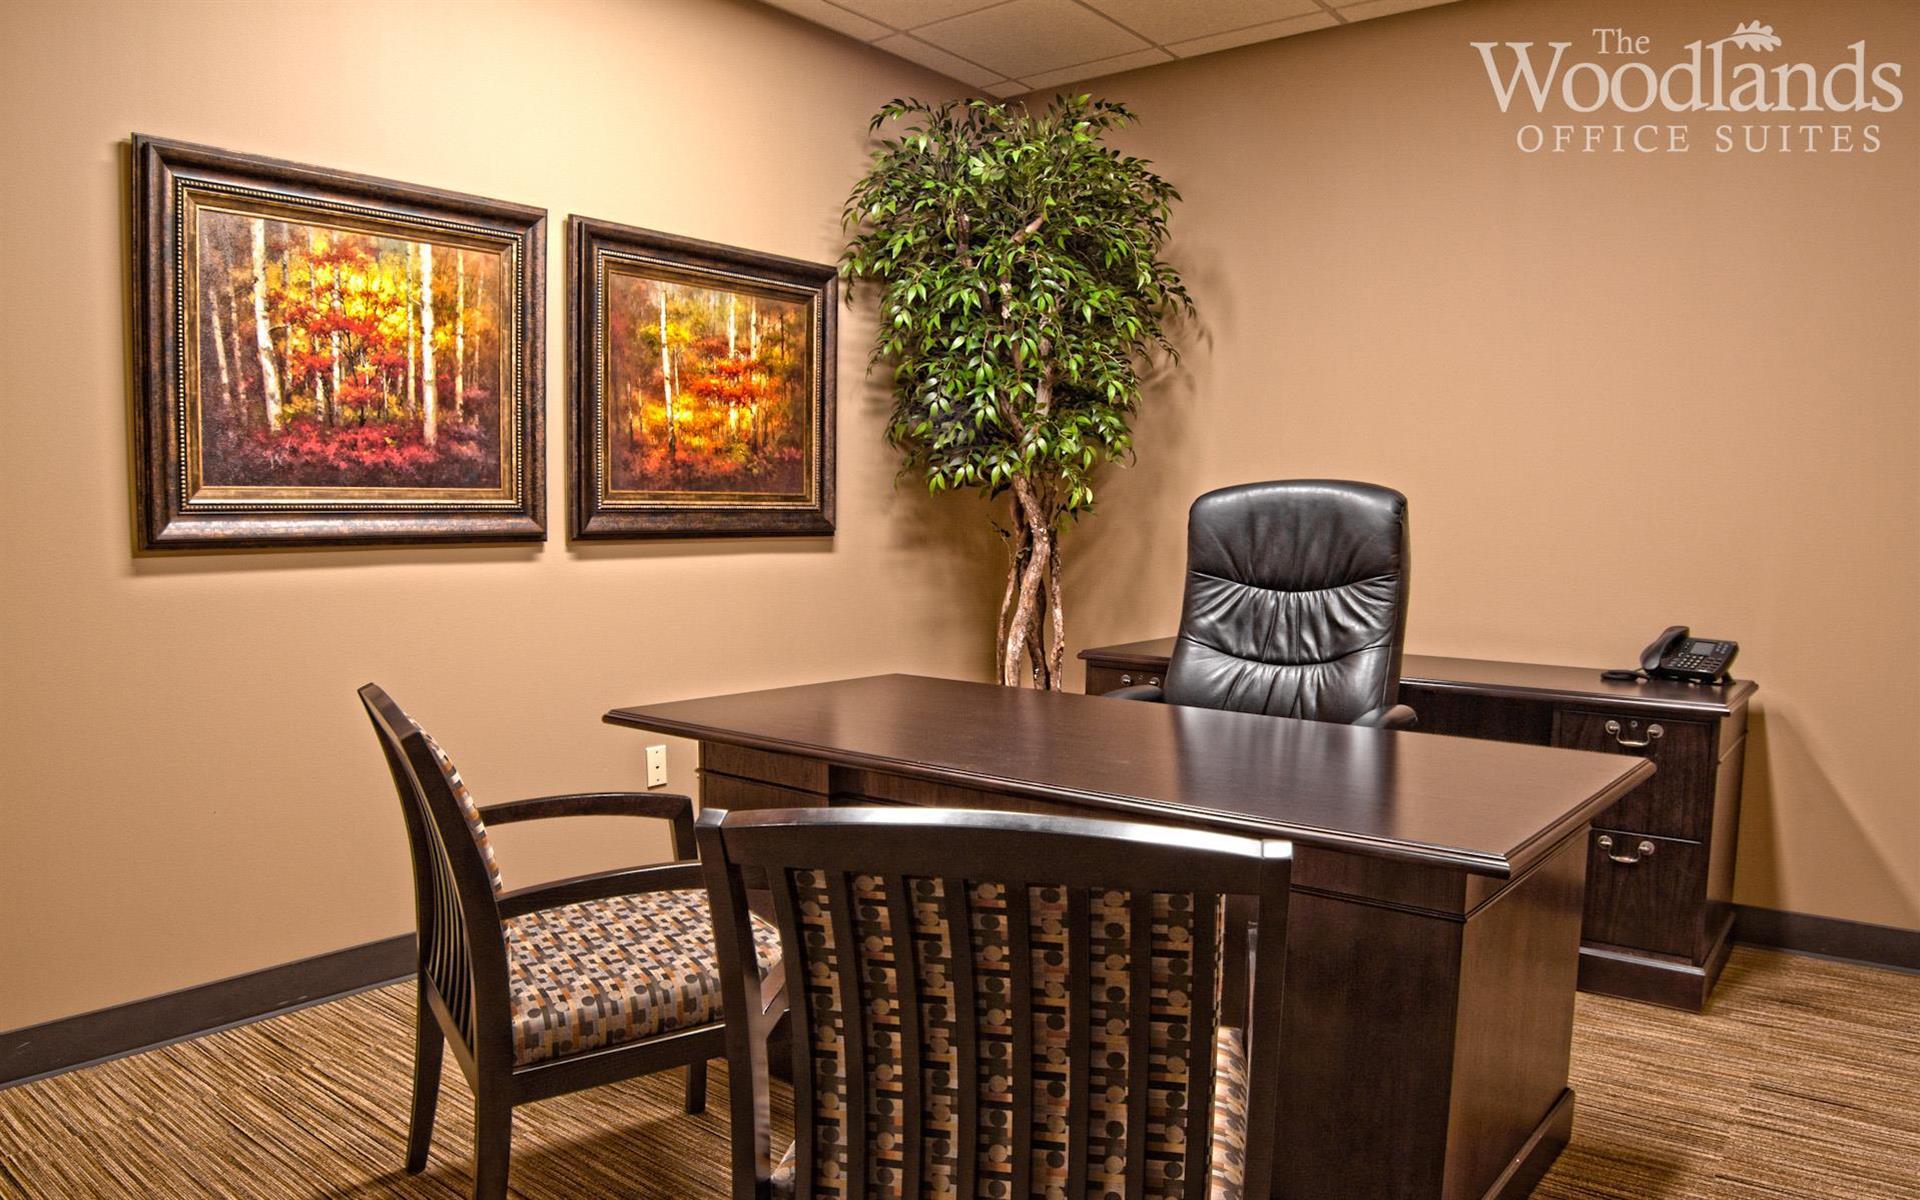 The Woodlands Office Suites - Suite #242 - Medium Interior Office